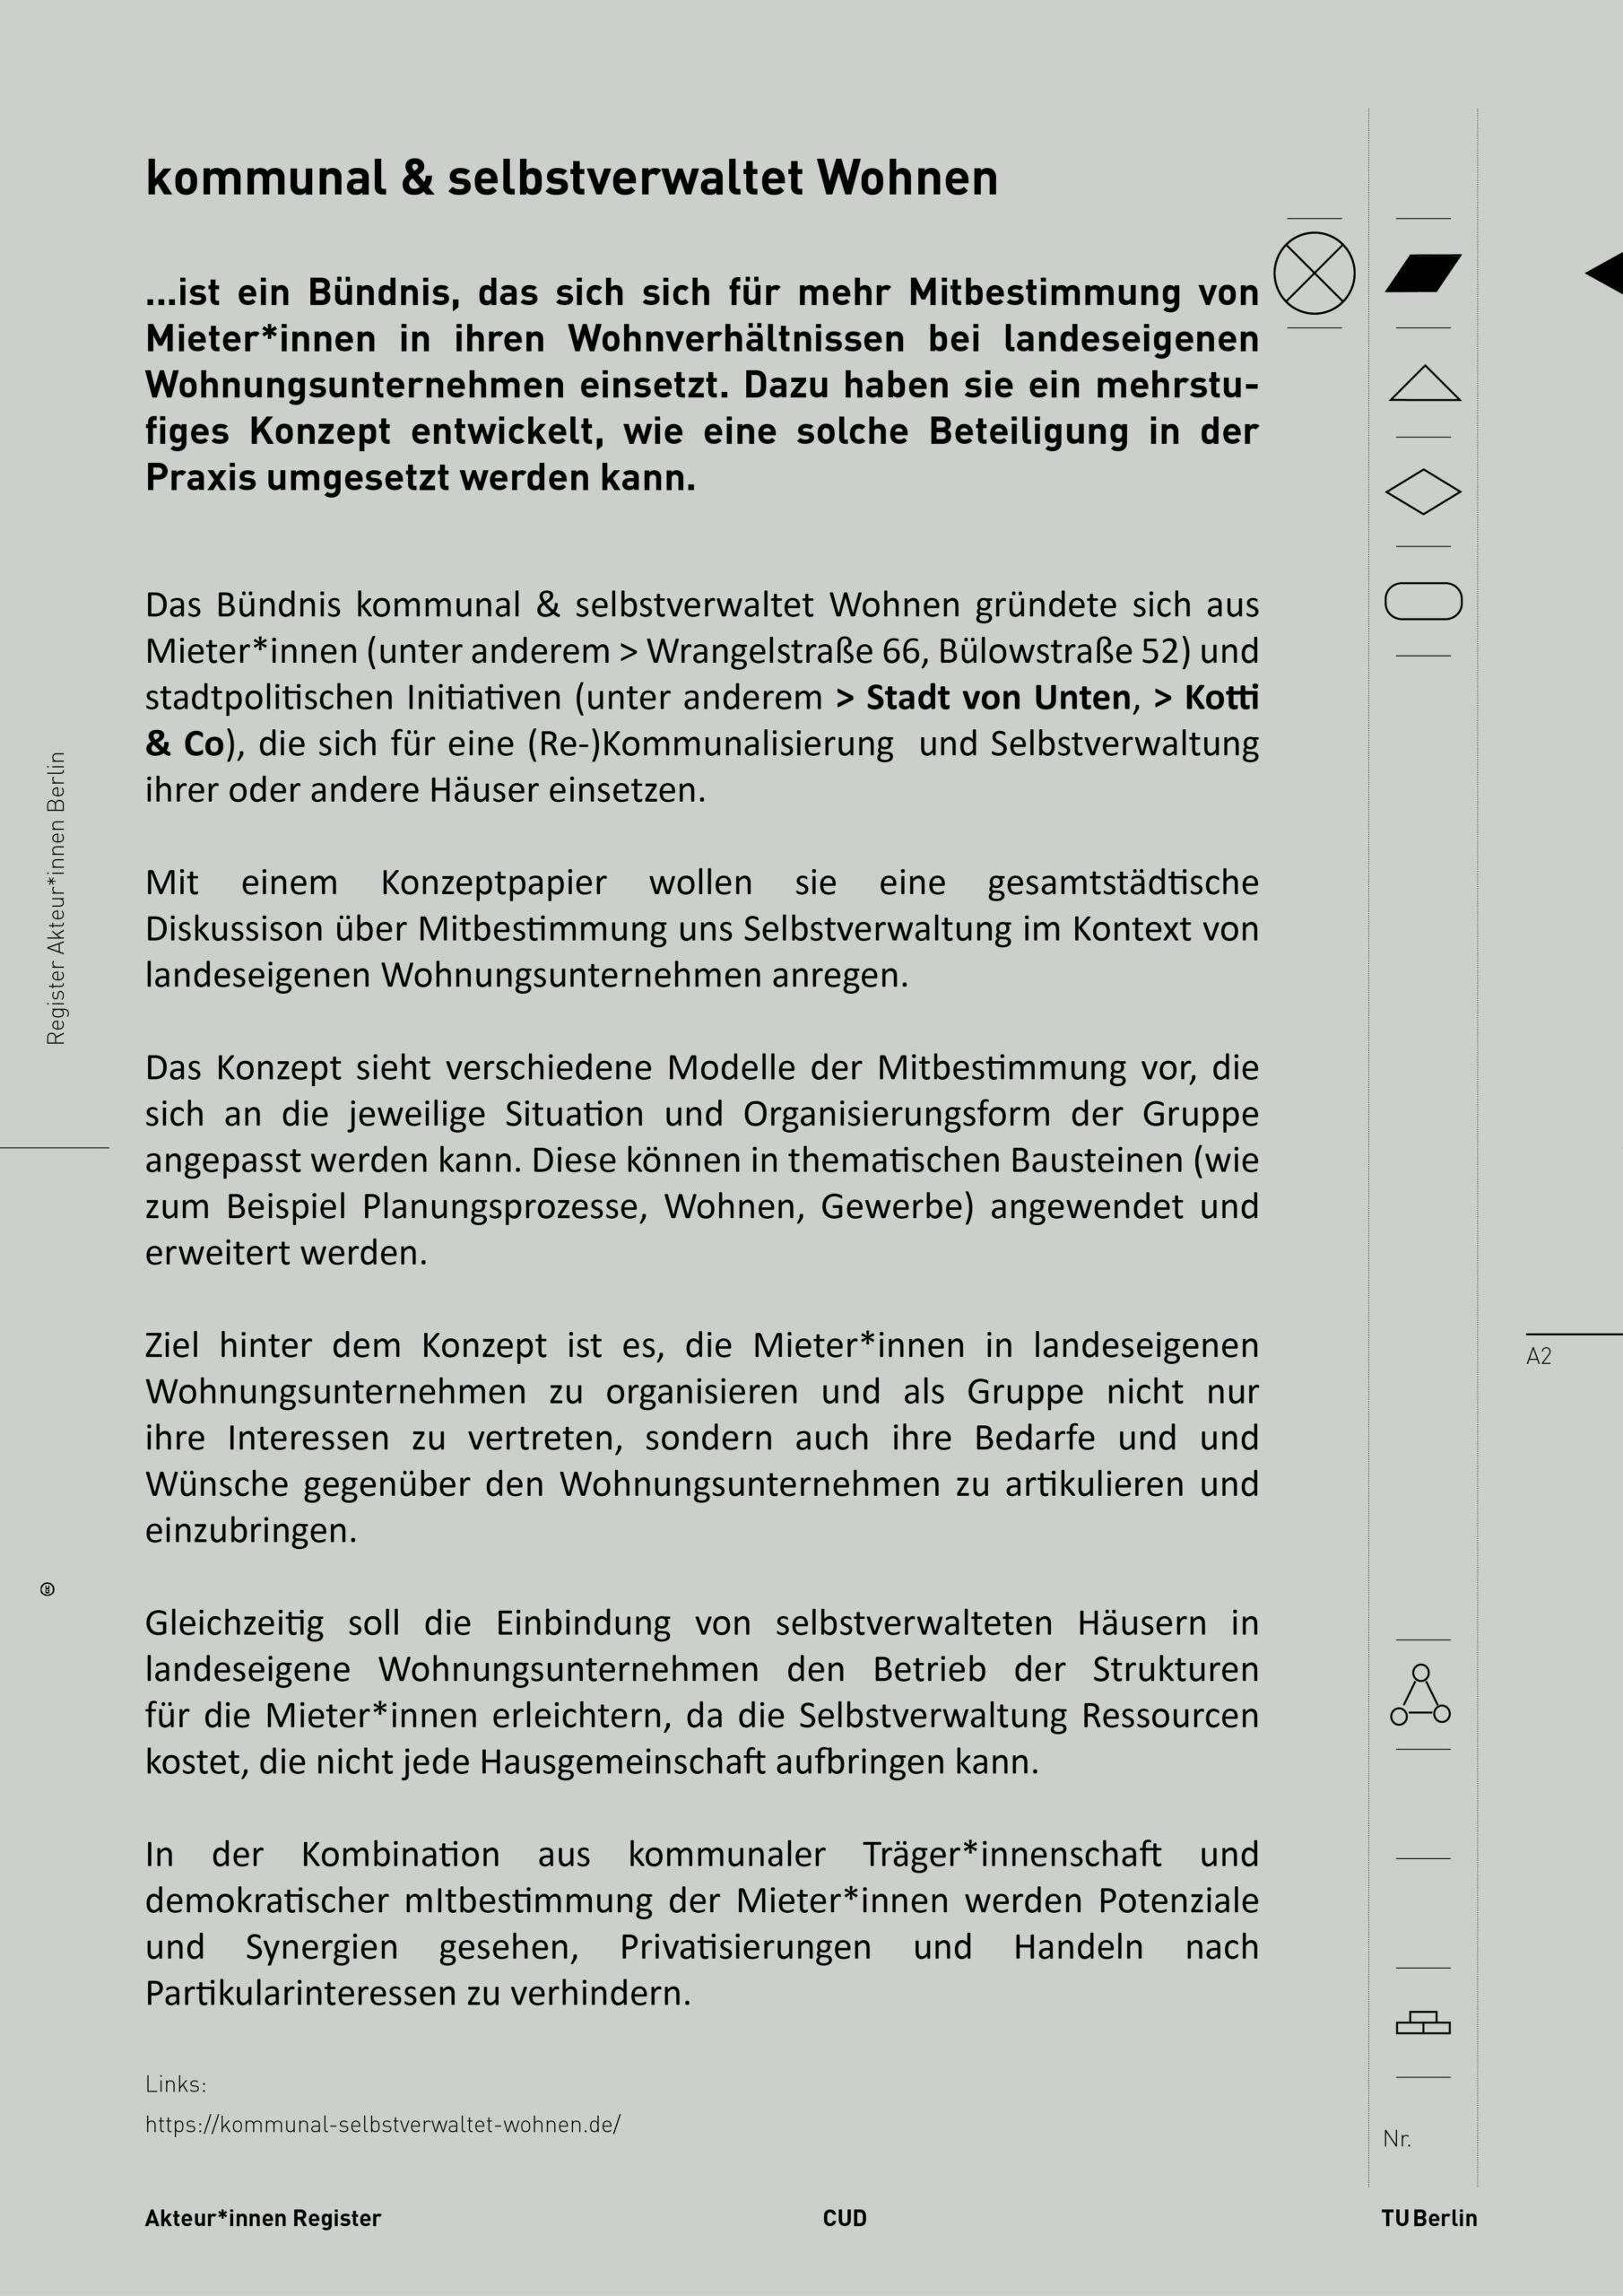 2021-05-17_AkteurInnen_Register_14